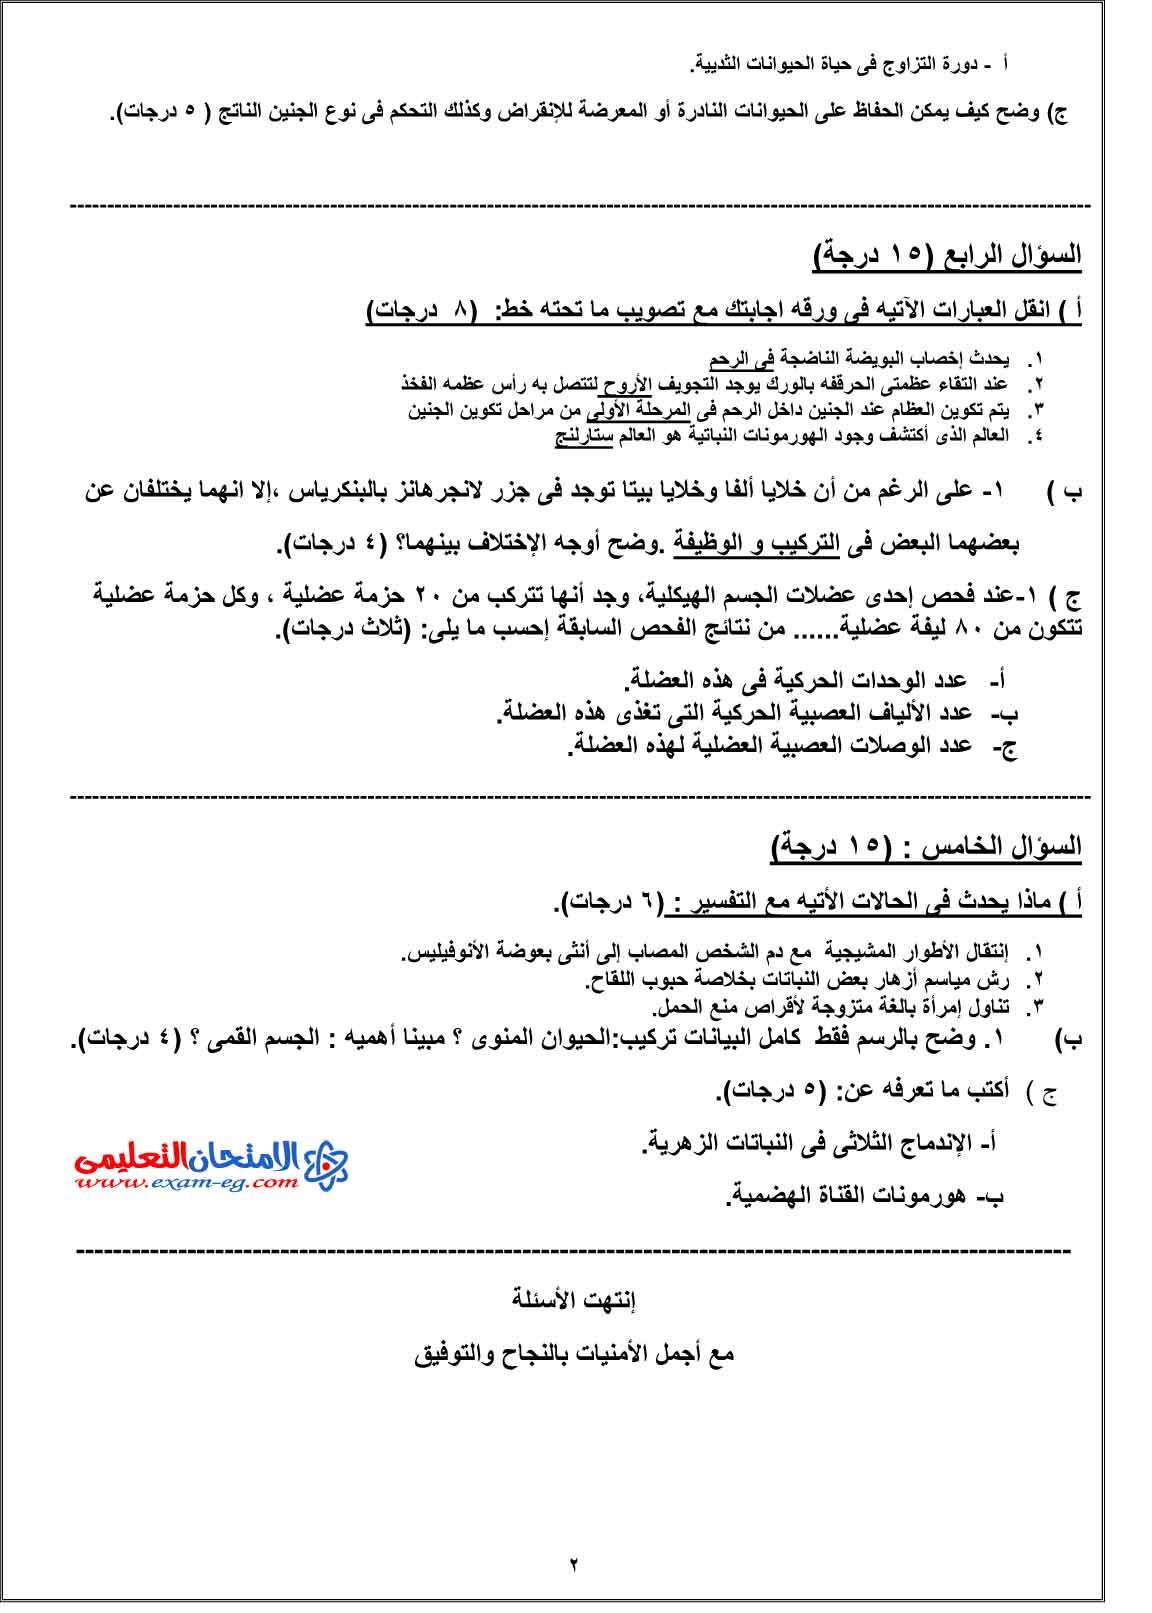 امتحان الاحياء 3 - الامتحان التعليمى-2